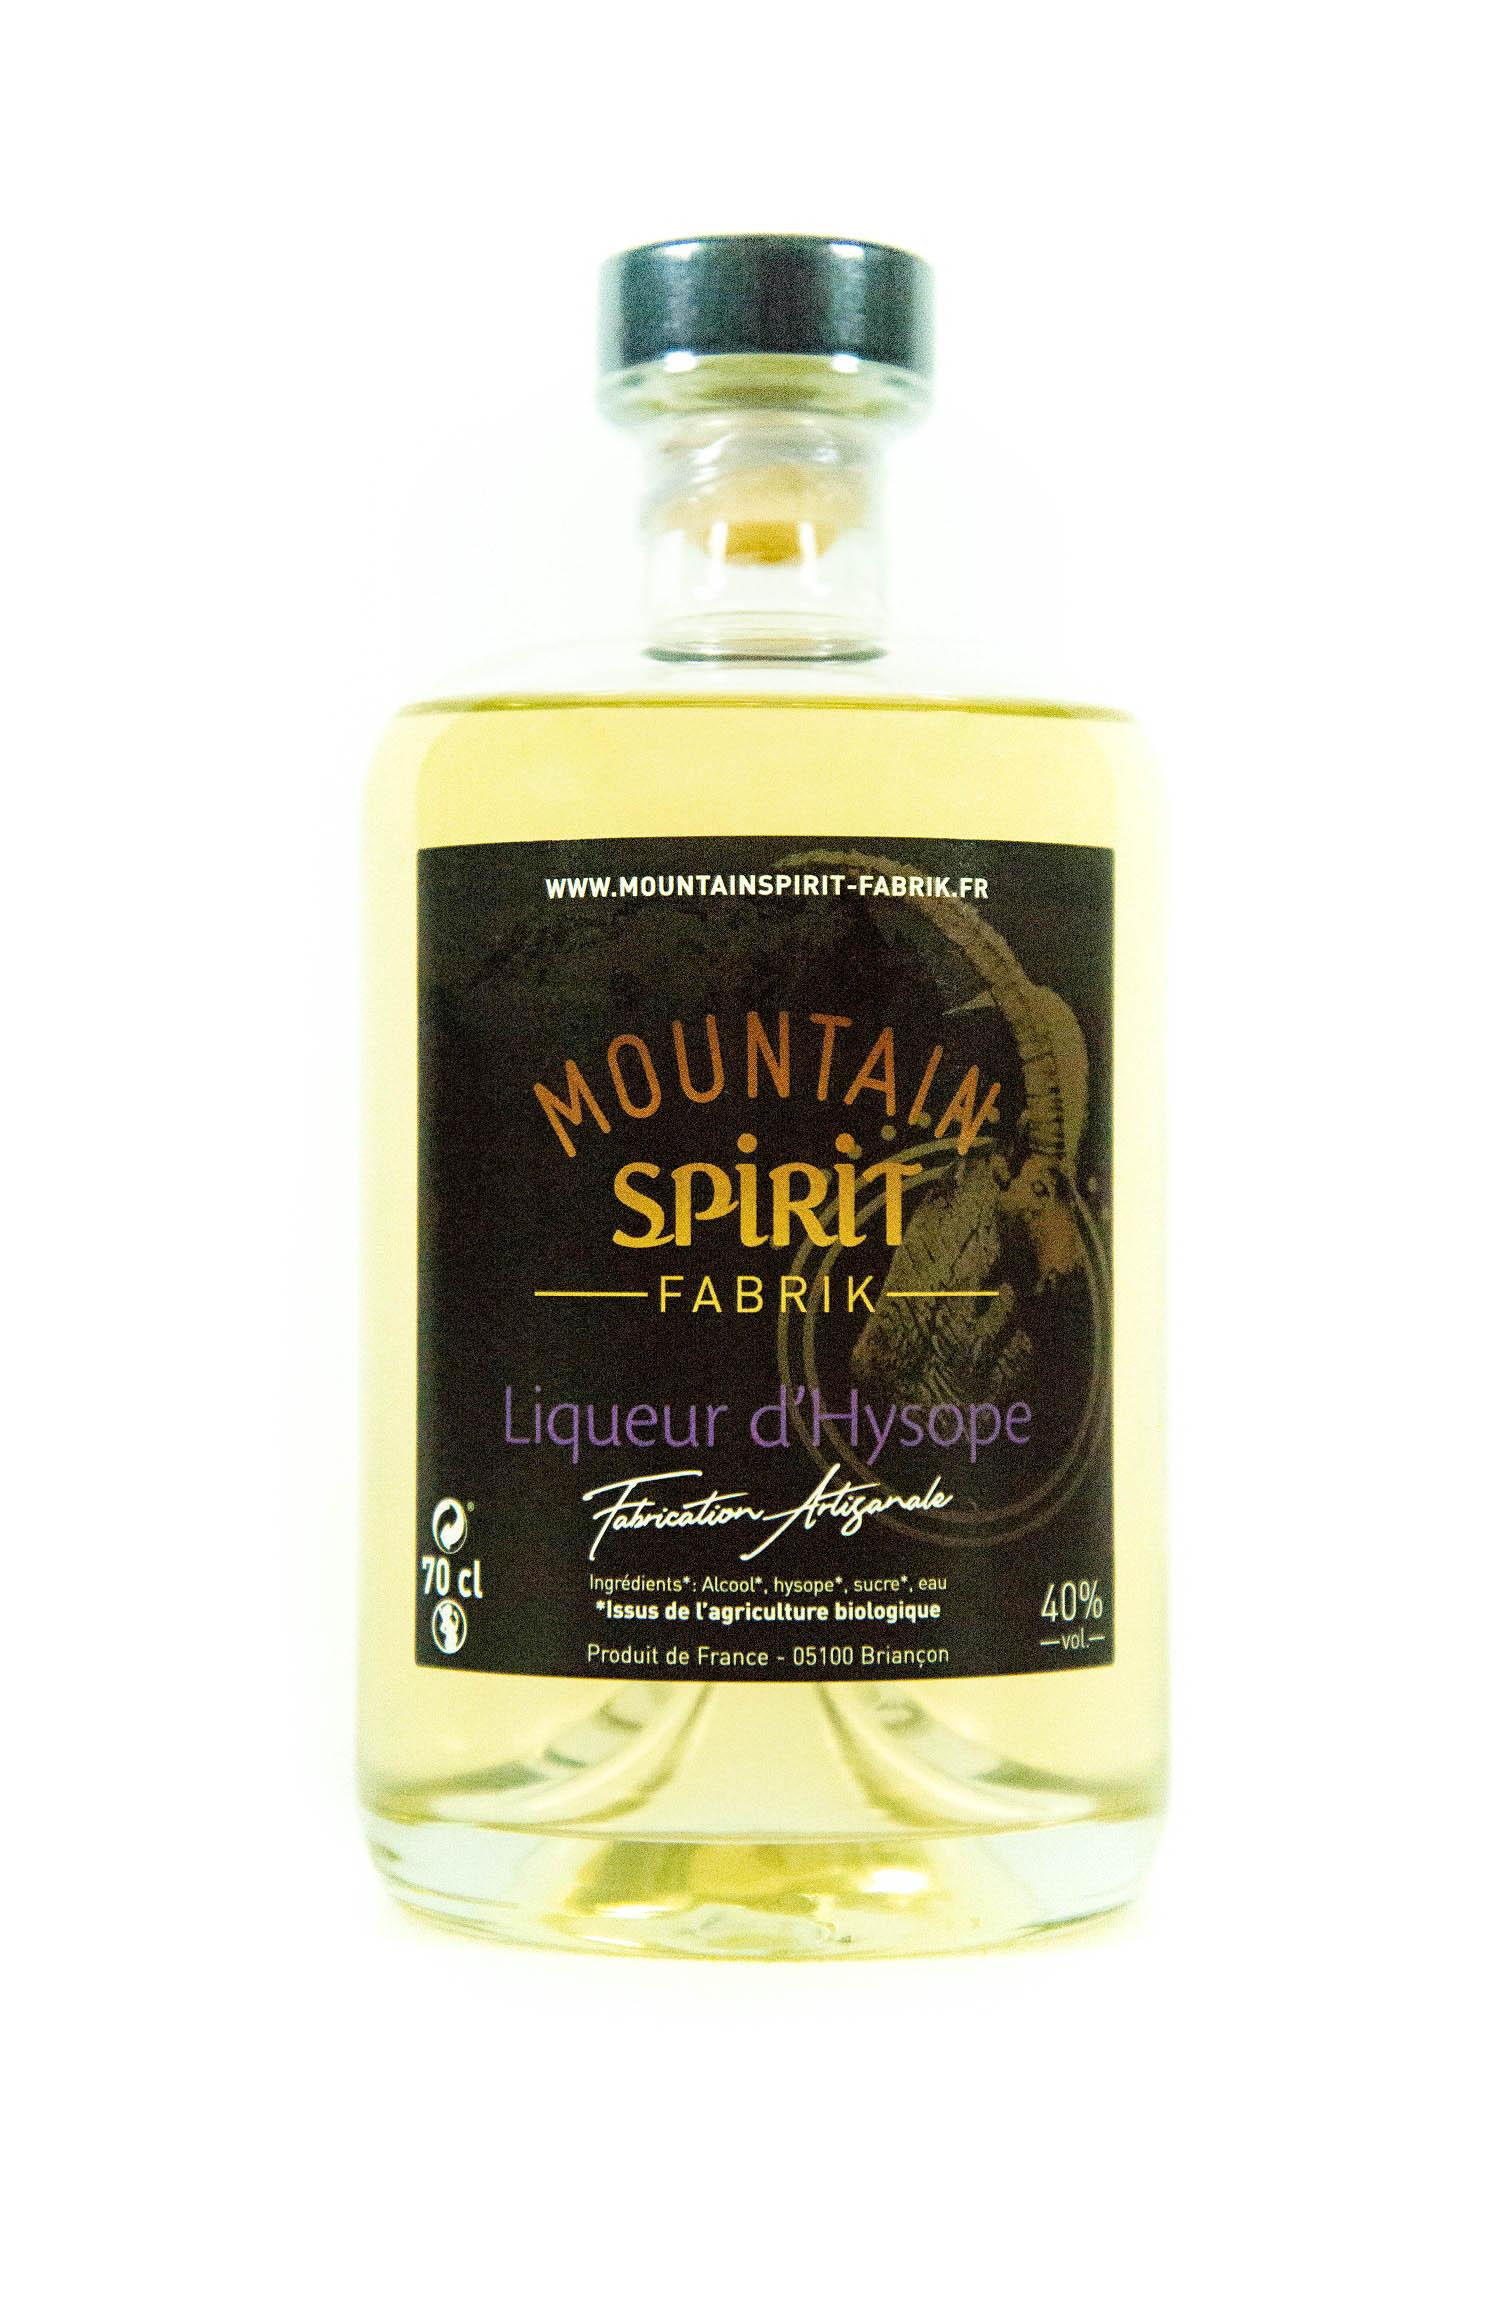 Liqueurs-hysope-70cl-Mountain-Spirit-Fabrik